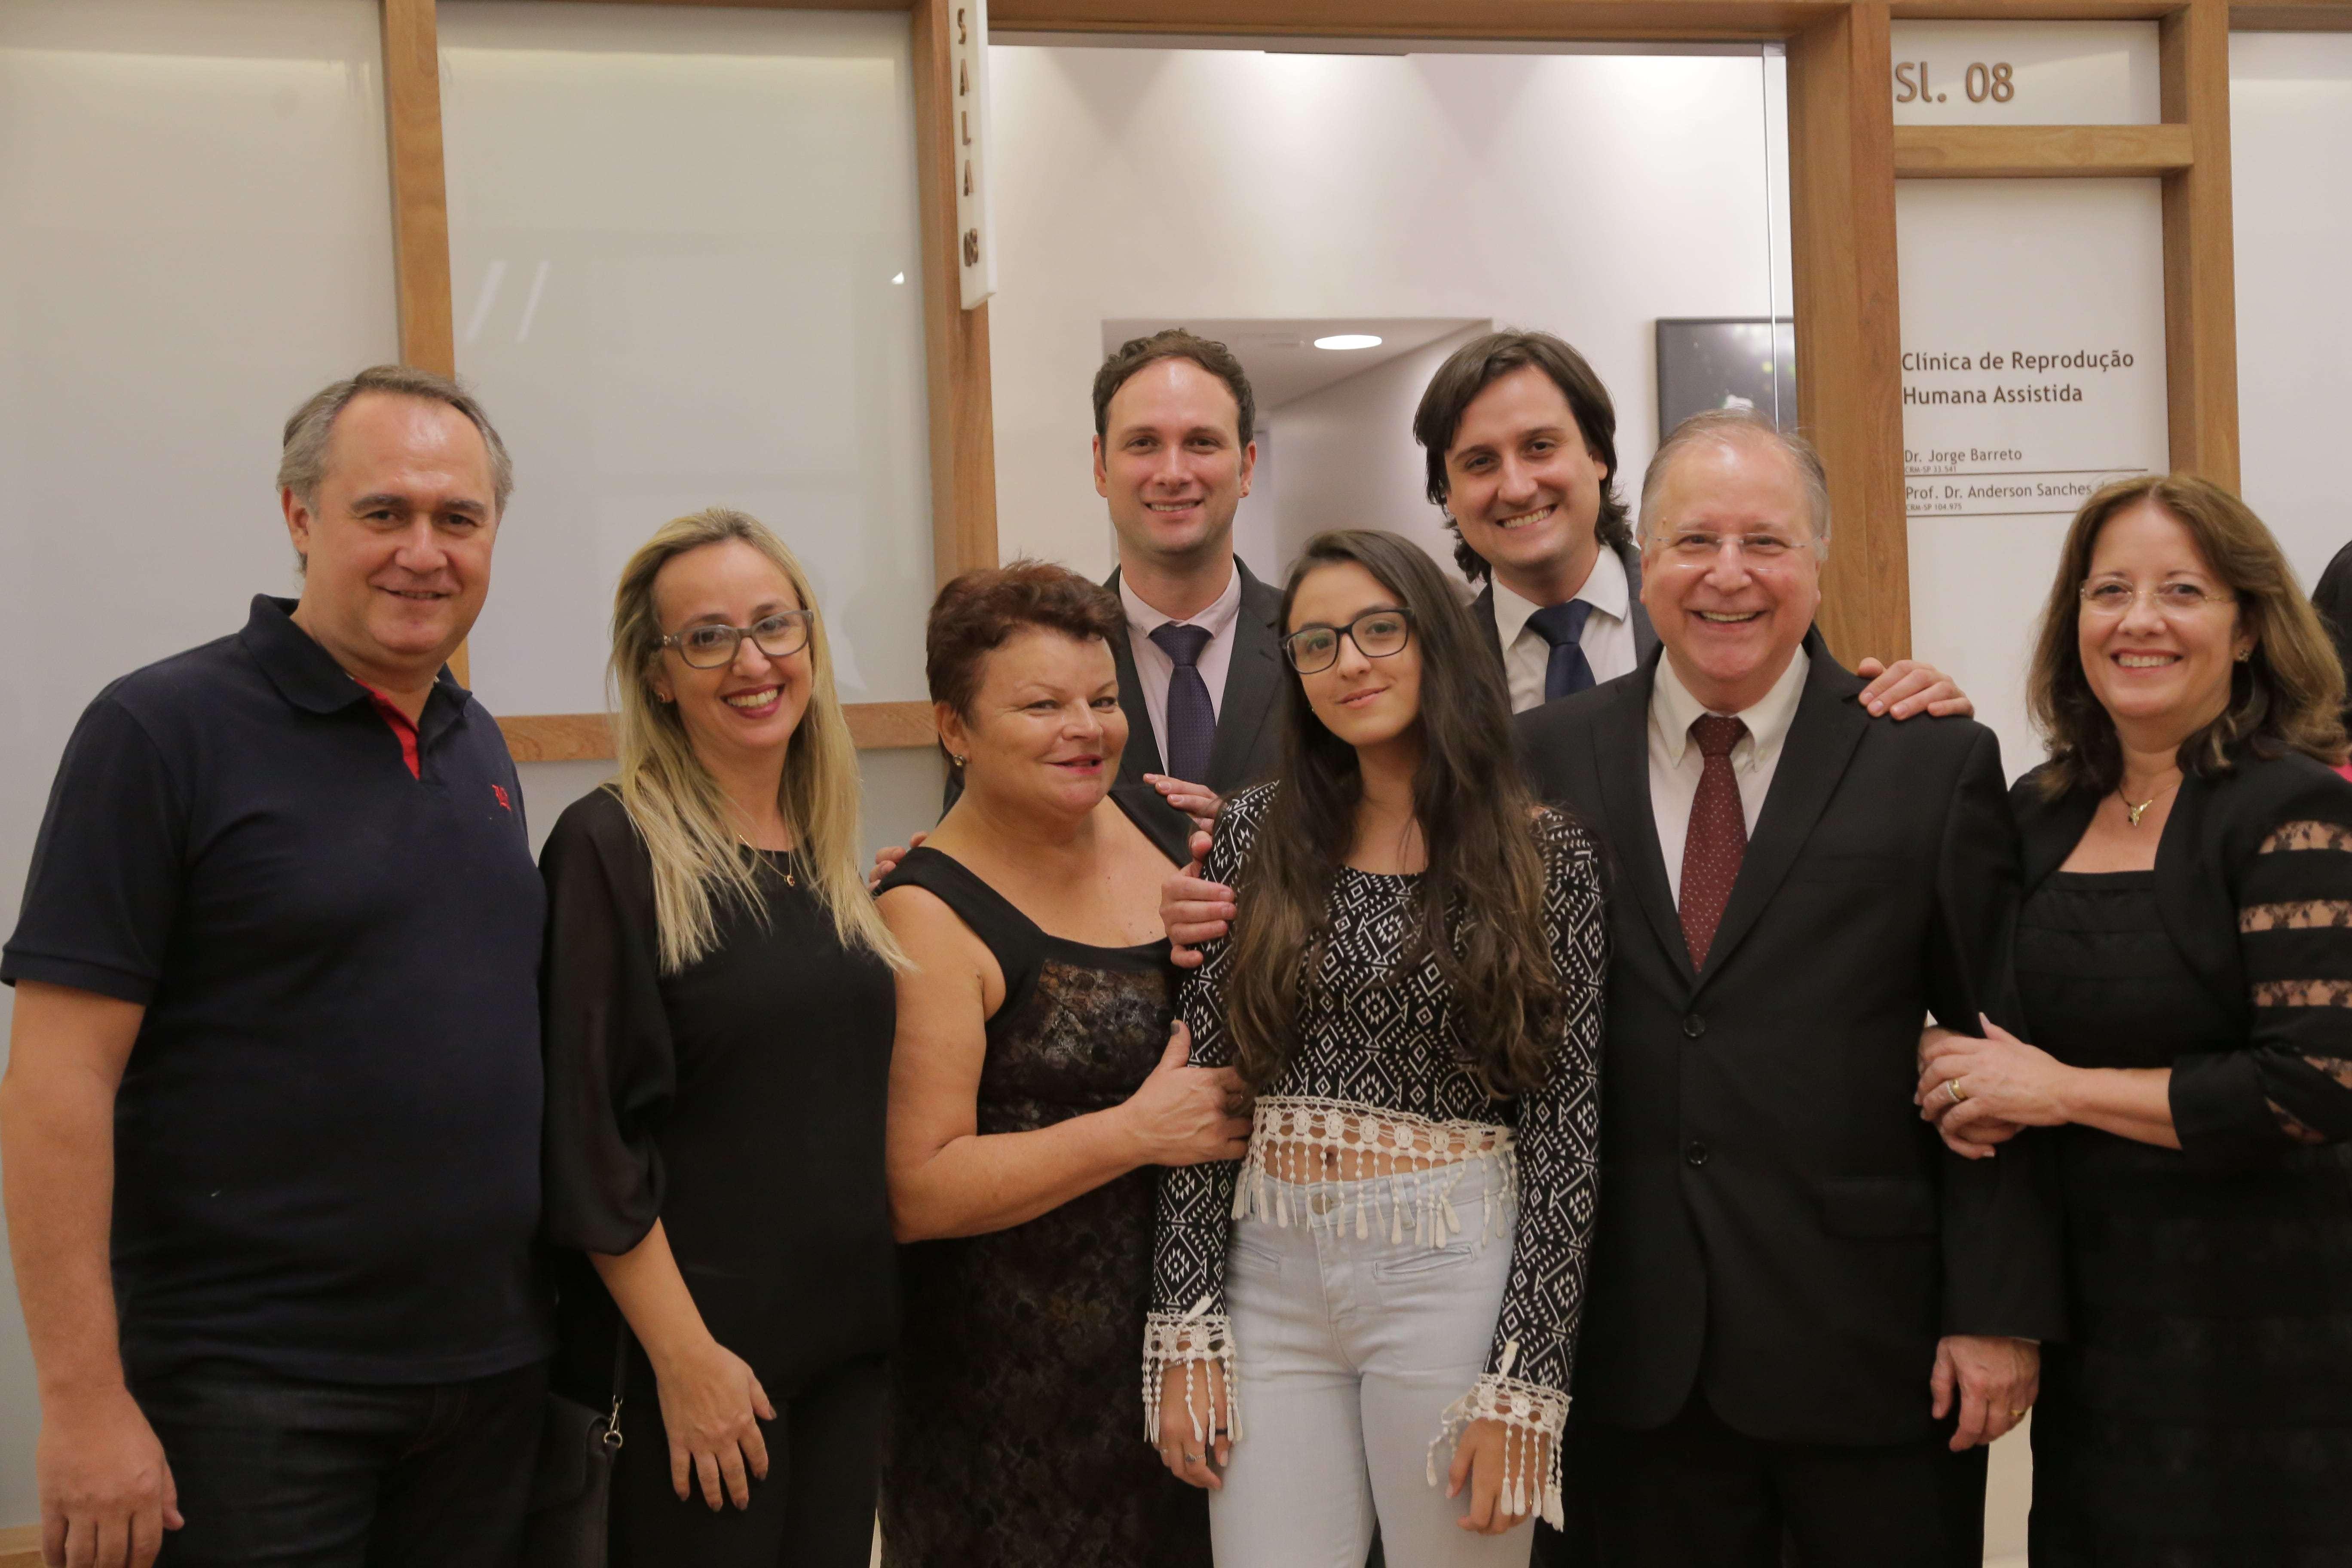 Nova sede do CEFERP reúne amigos e parceiros em coquetel de inauguração